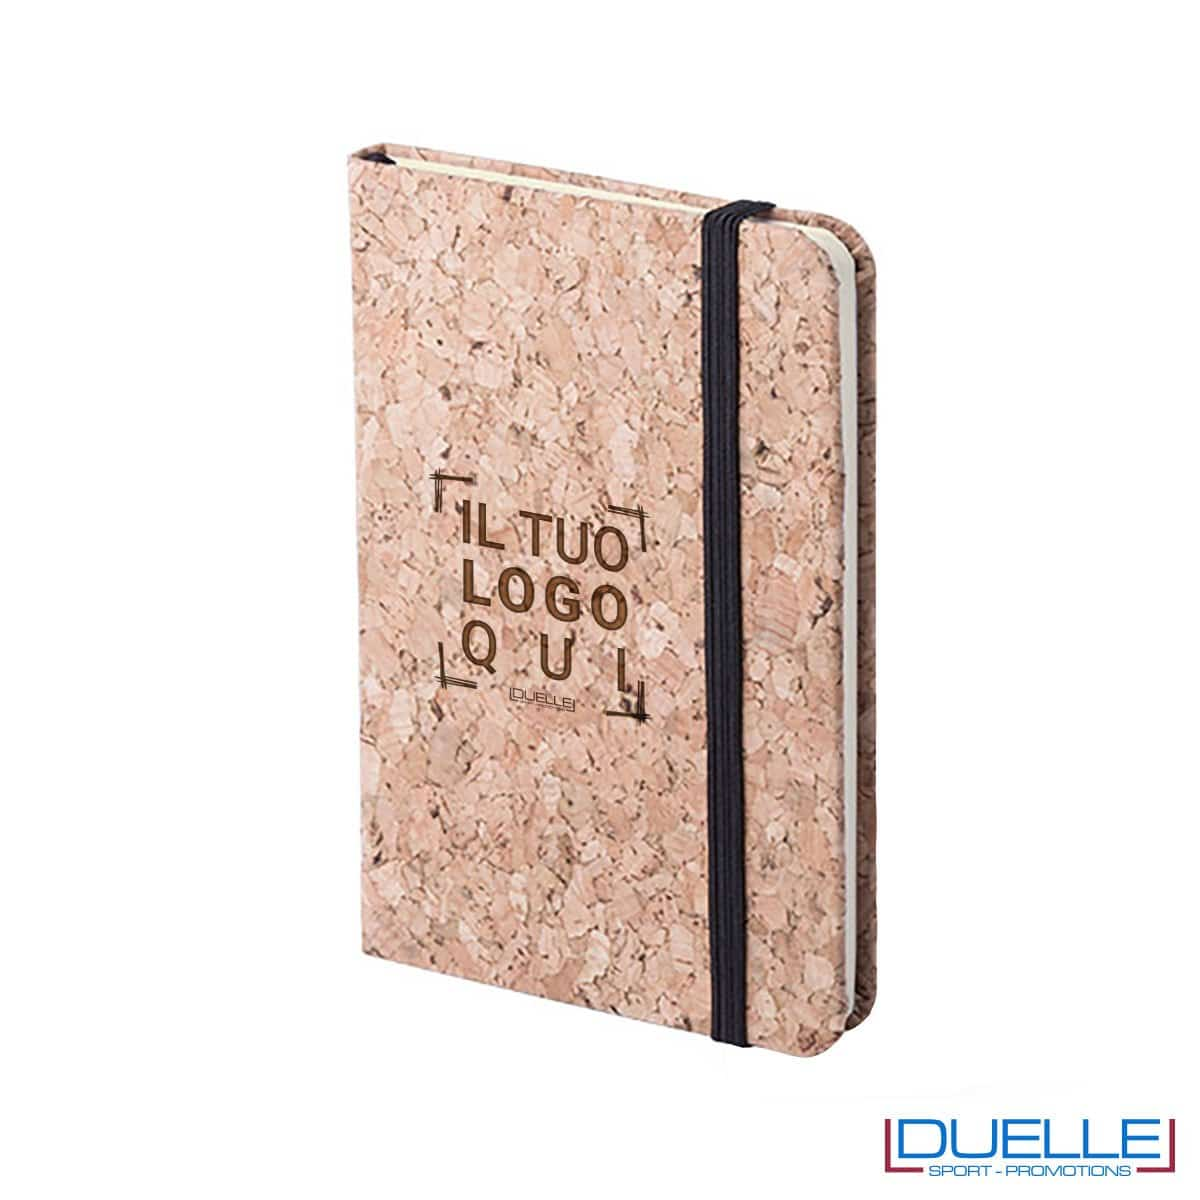 blocco per appunti in sughero personalizzato, quaderni ecologico personalizzabili, moleskine in sughero personalizzate